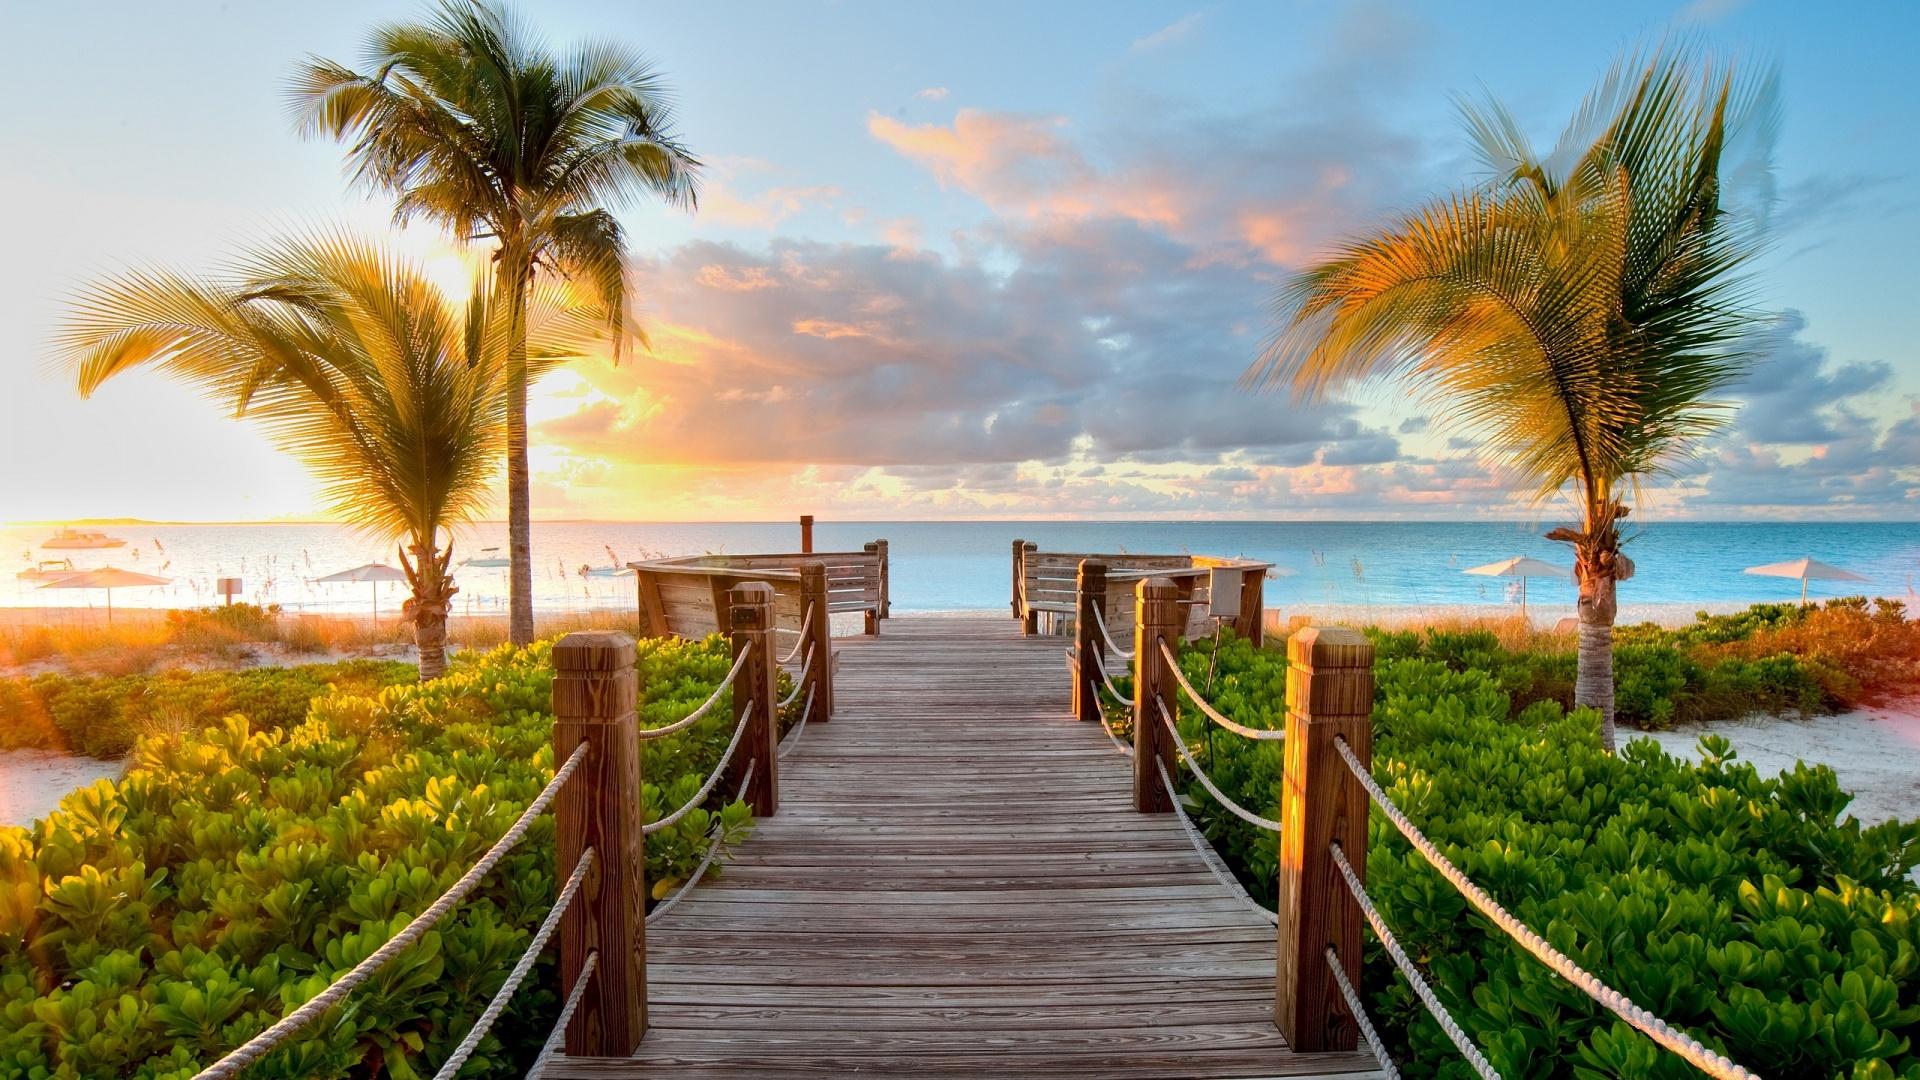 Bridge-Wood-Beach-Caribbean-HD-Free-Wallpaper